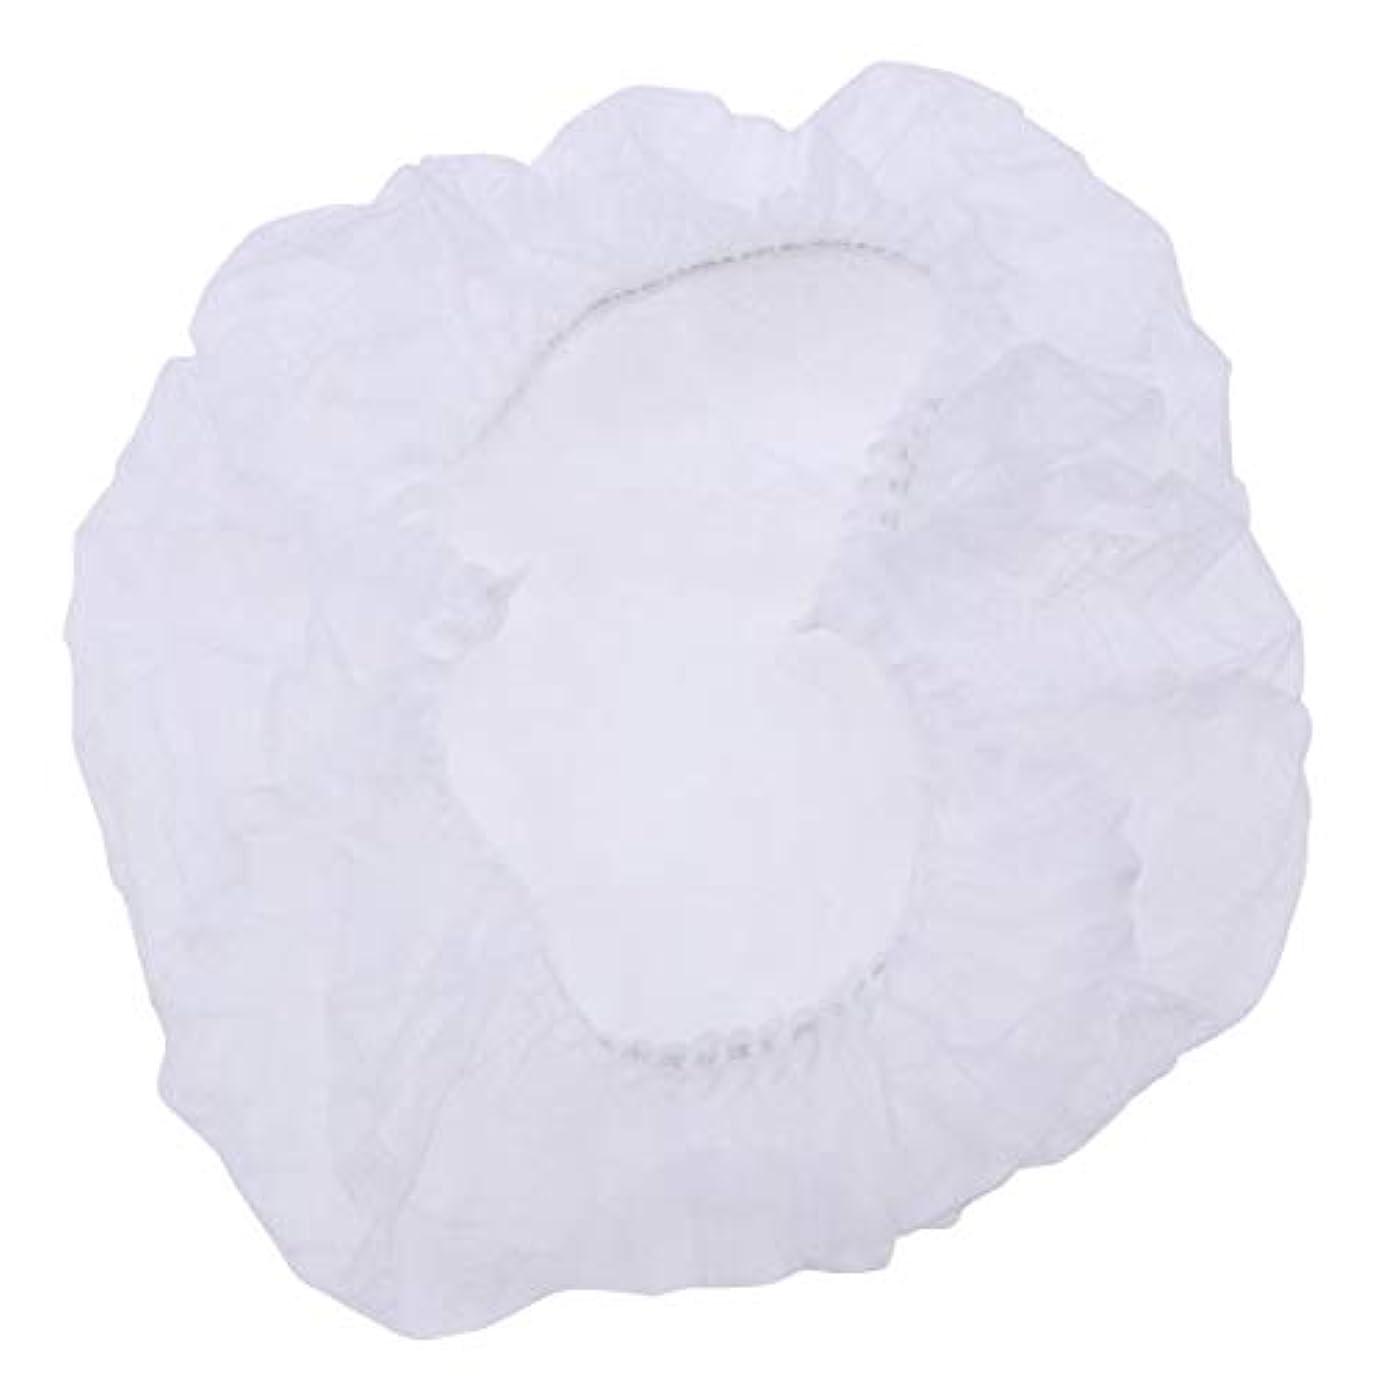 淡いブッシュヒットHealifty 100個使い捨てのふわふわキャップ医療サービス食品焼き化粧用白髪ヘッドカバーネット(白)